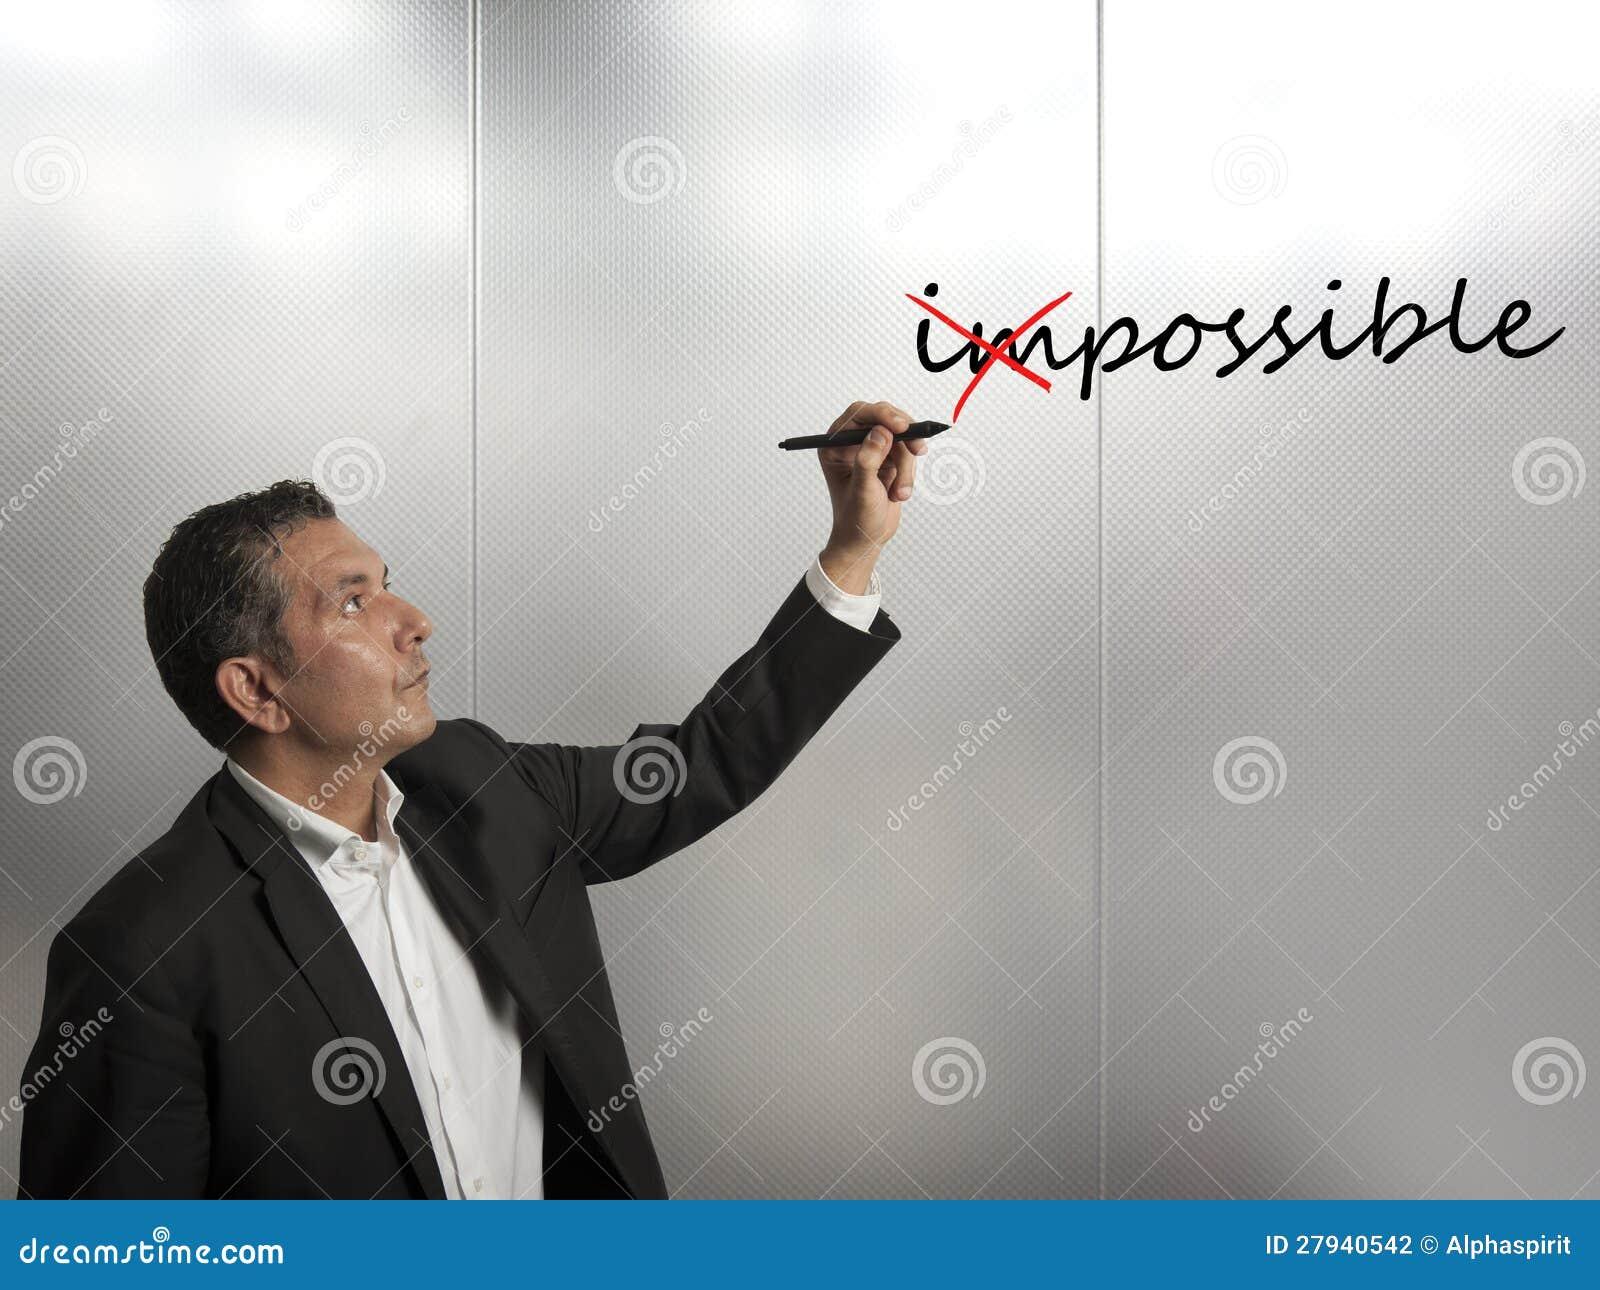 Ändra omöjligt till möjligt